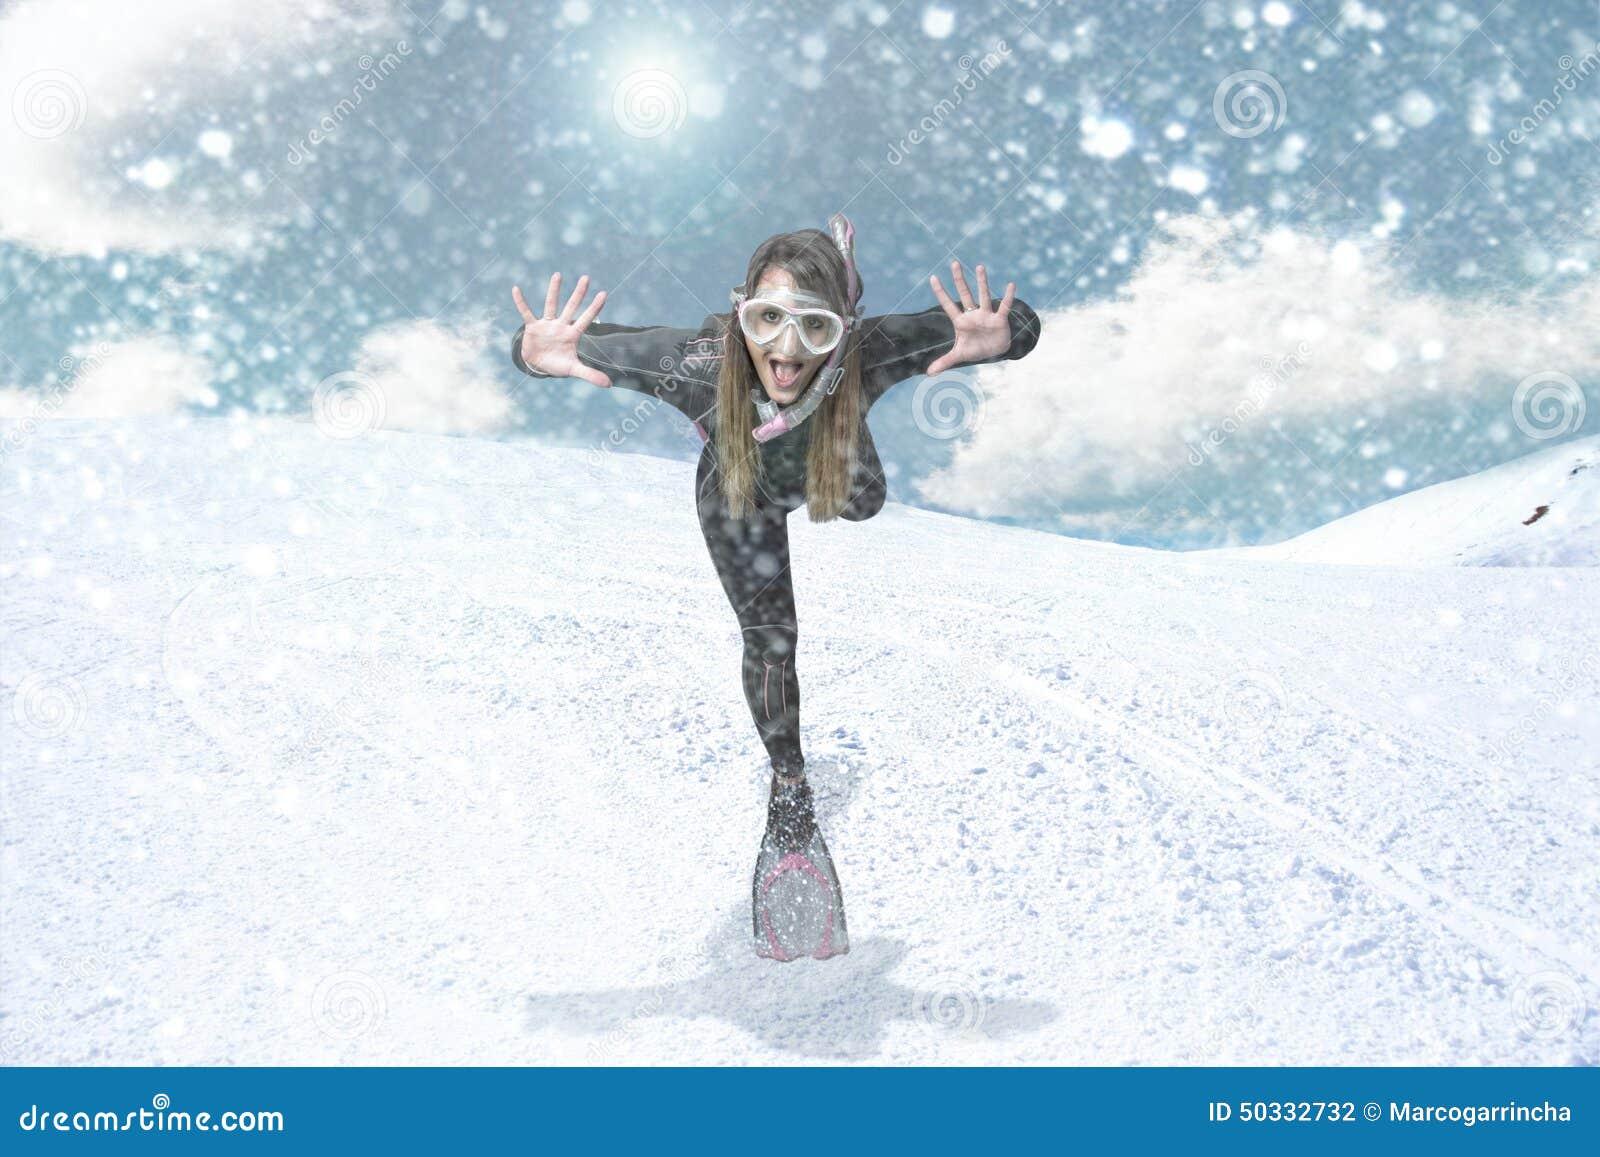 Duiker in een sneeuwblizzard